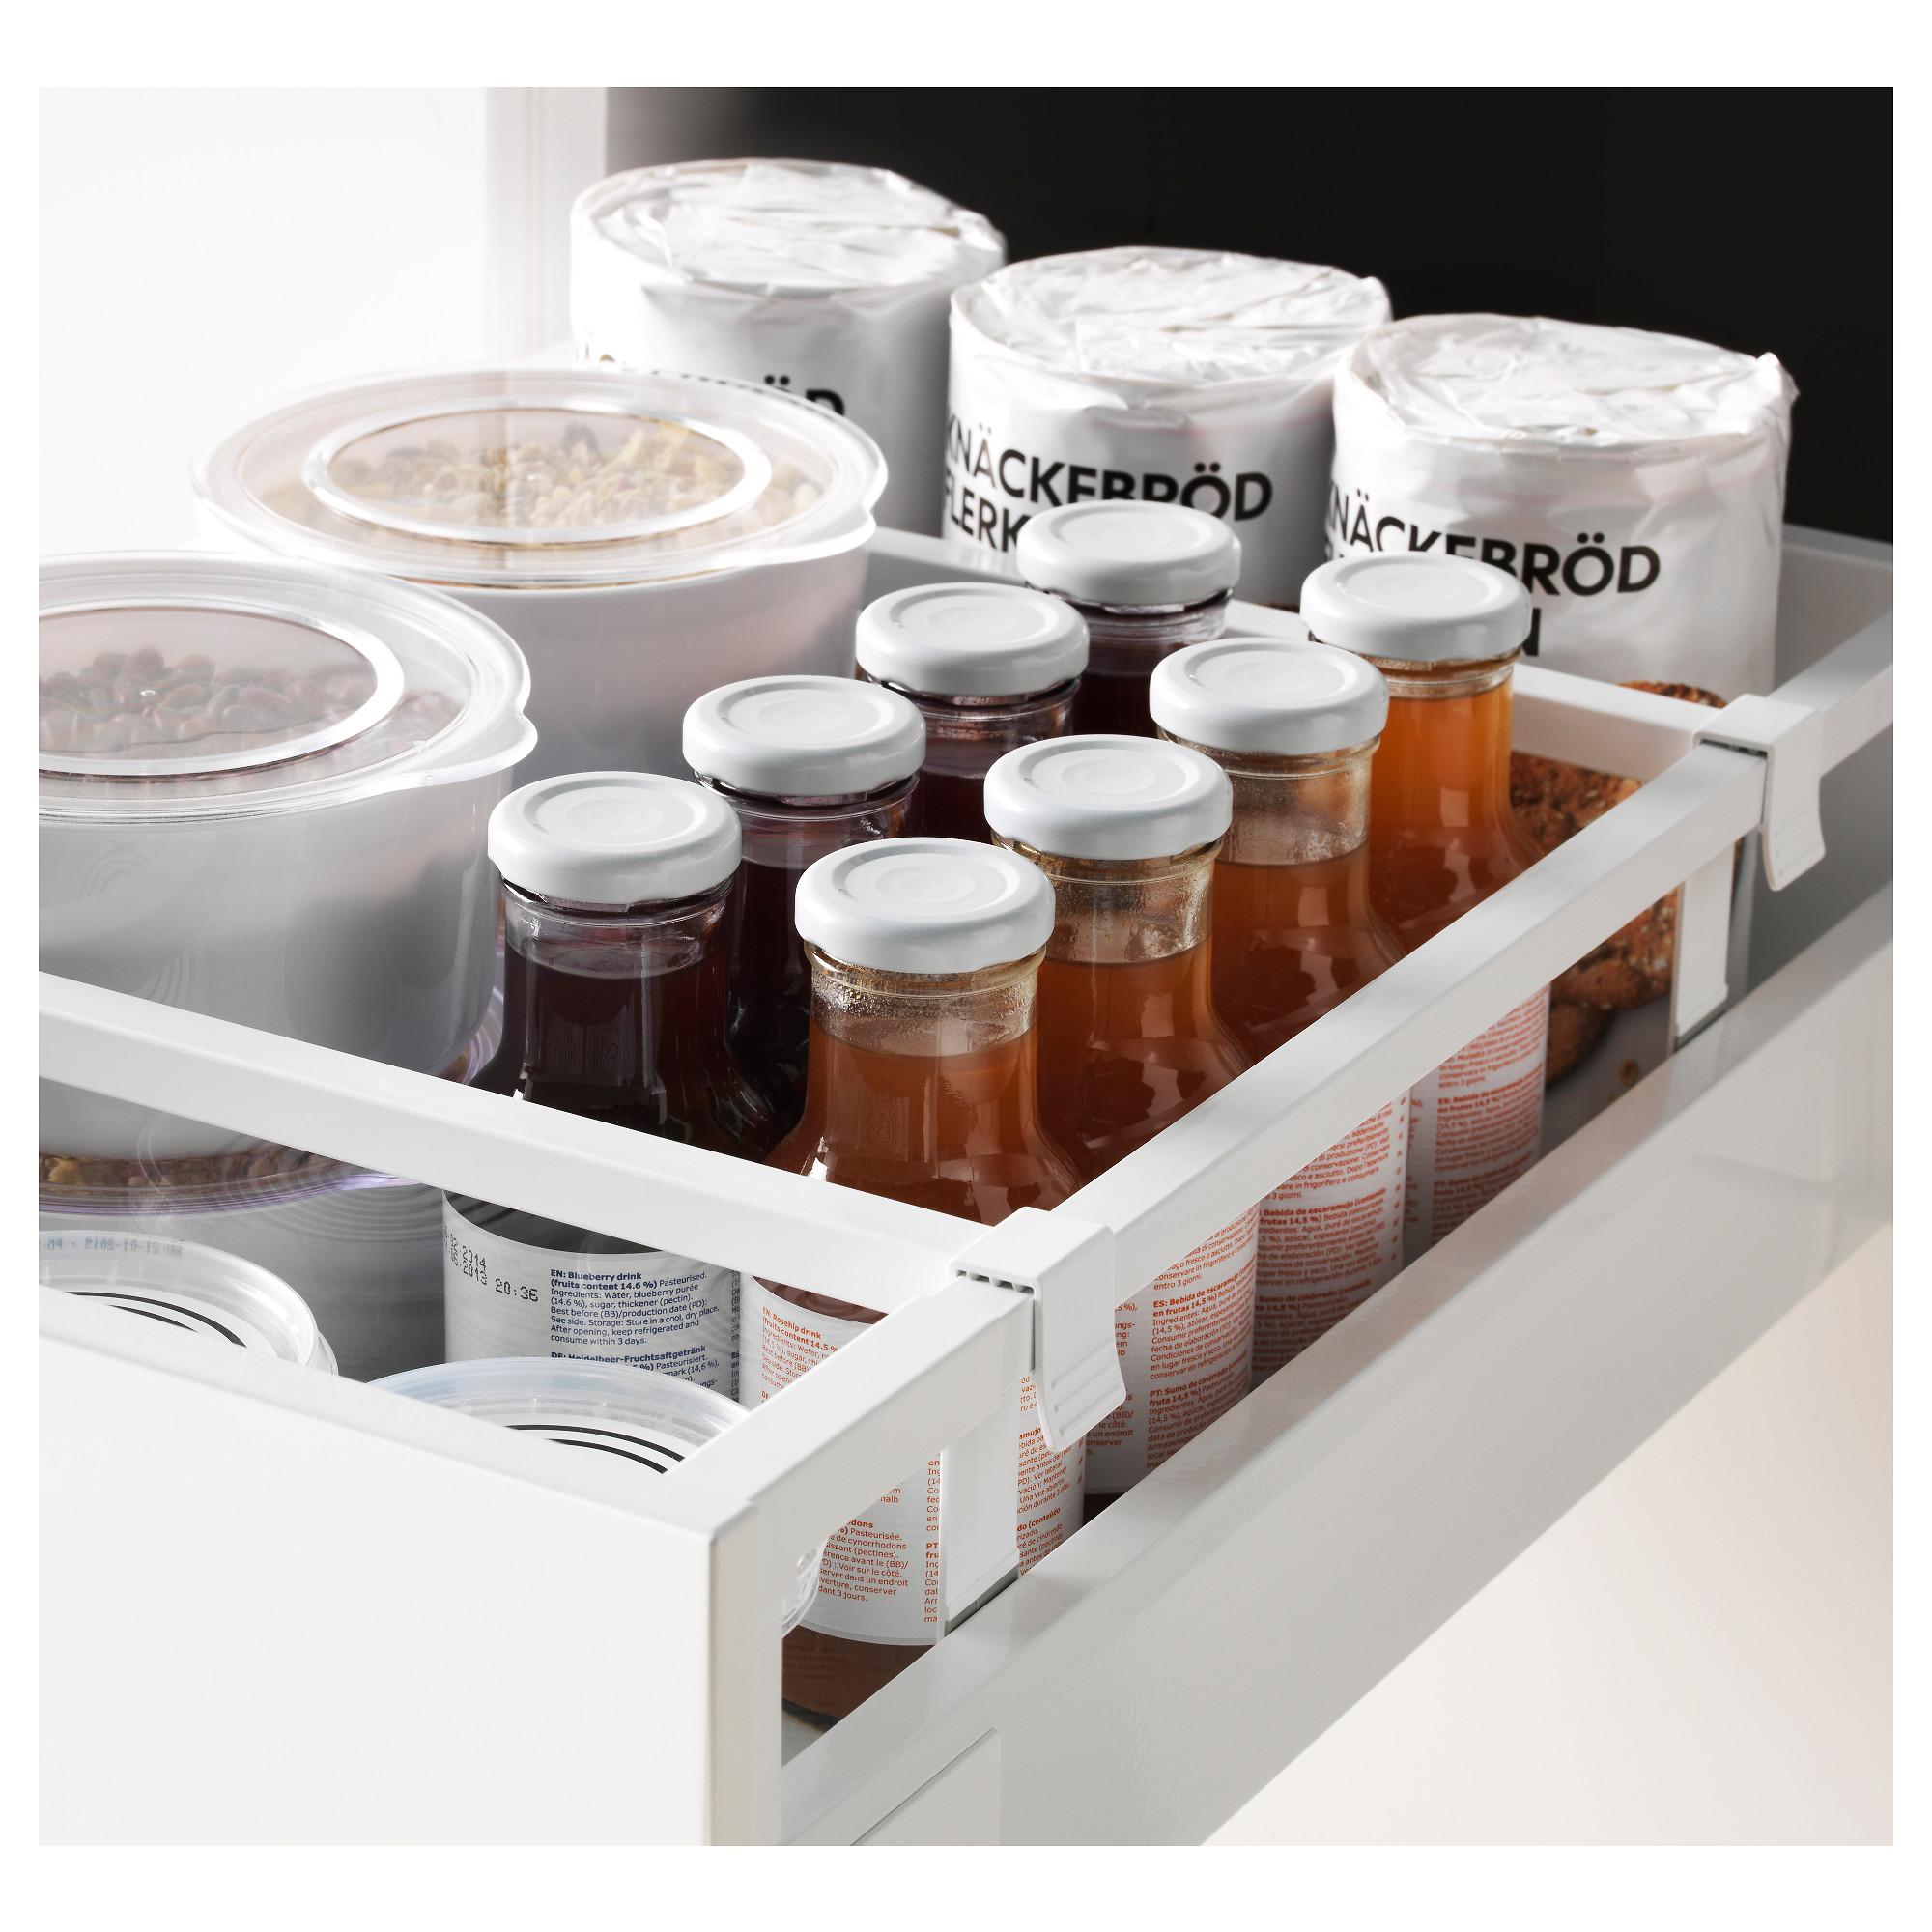 Высокий шкаф + полки, 5 ящиков, 2 дверцы, 2 фронтальных МЕТОД / МАКСИМЕРА черный артикуль № 392.364.79 в наличии. Онлайн сайт IKEA РБ. Быстрая доставка и установка.